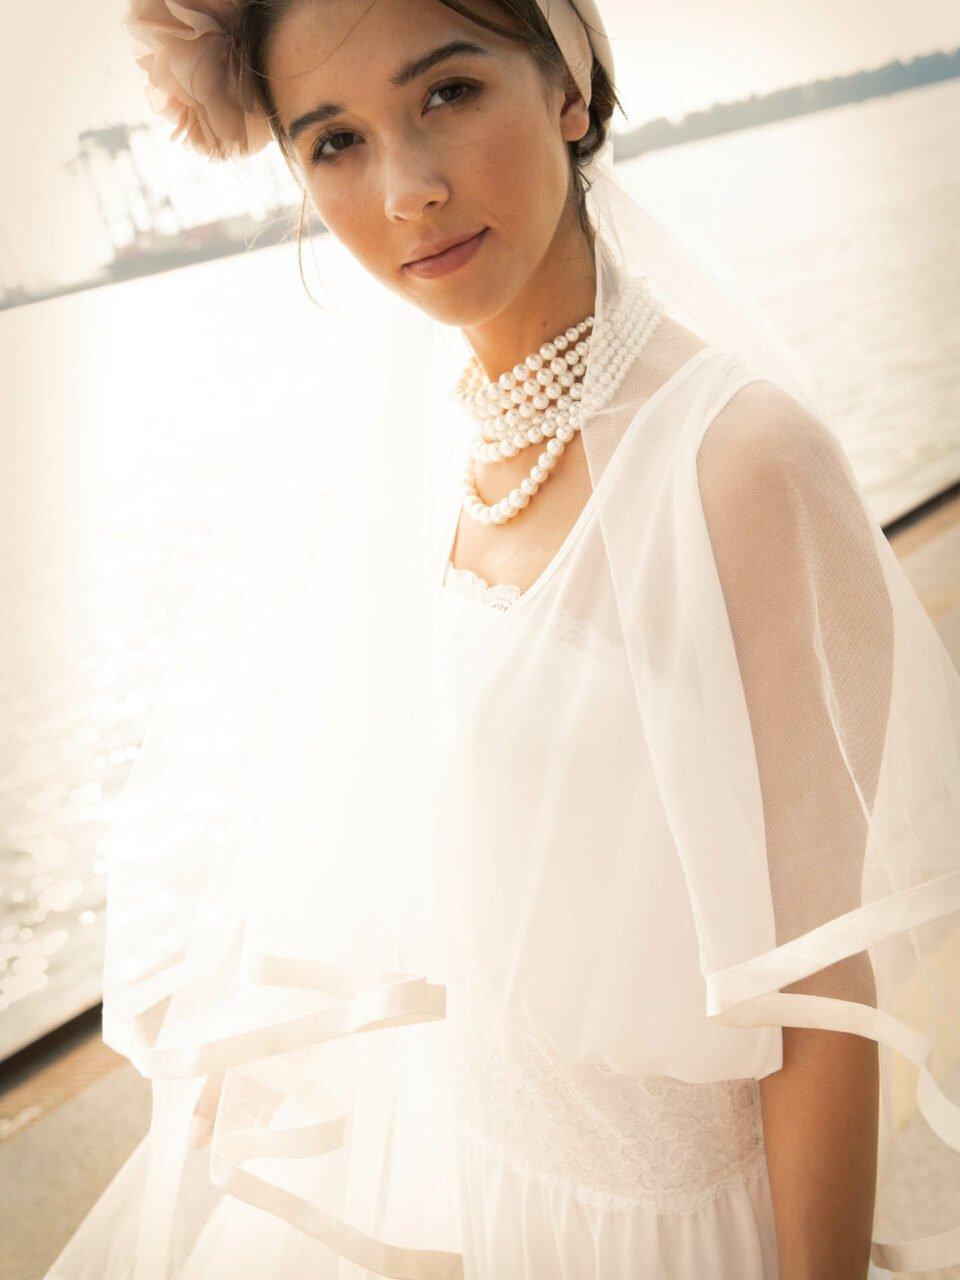 Braut am Wasser mit großer Perlen-Halskette